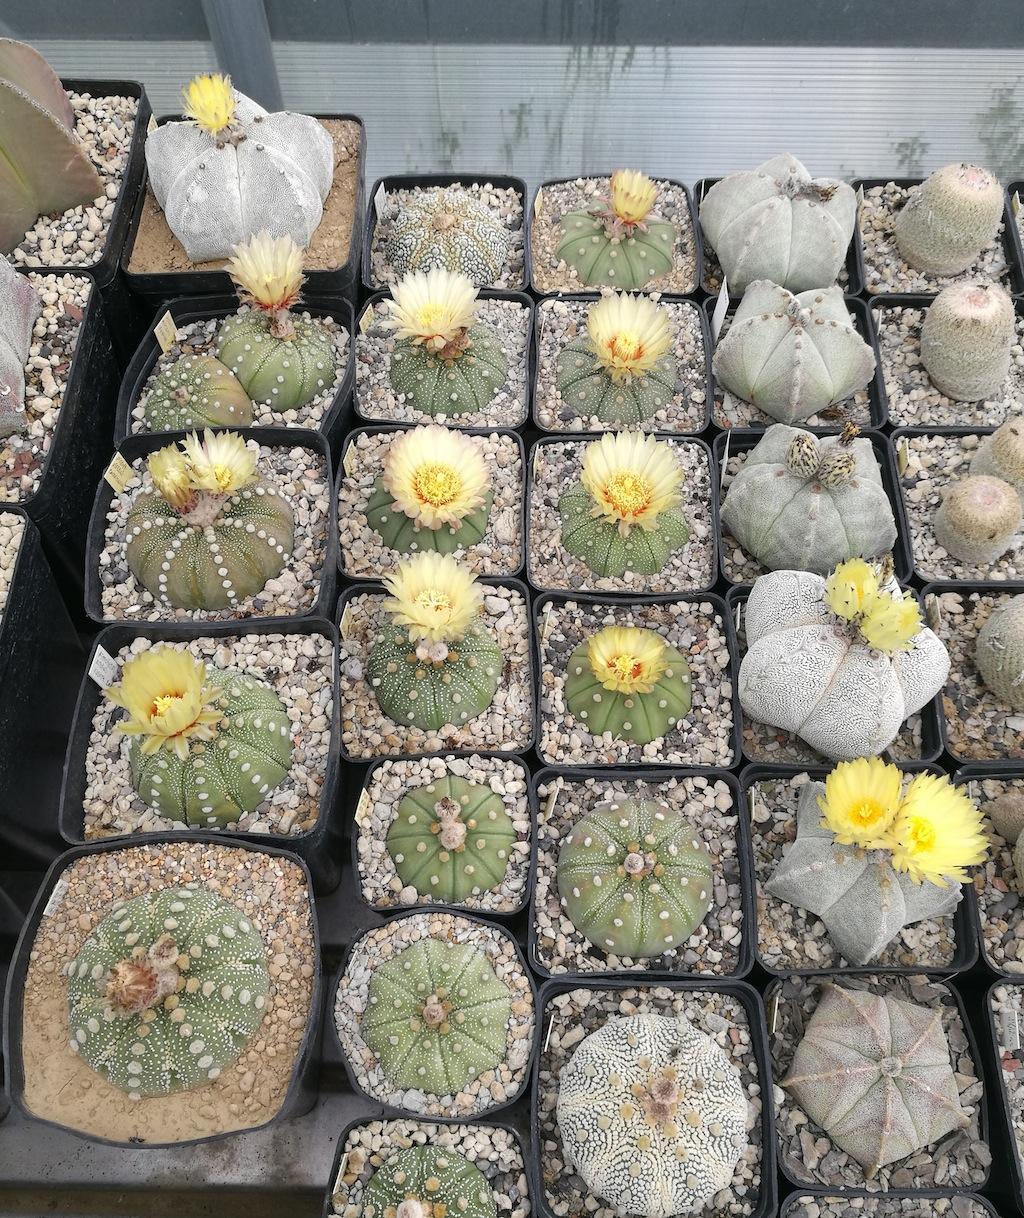 Astrophytum vari in fiore